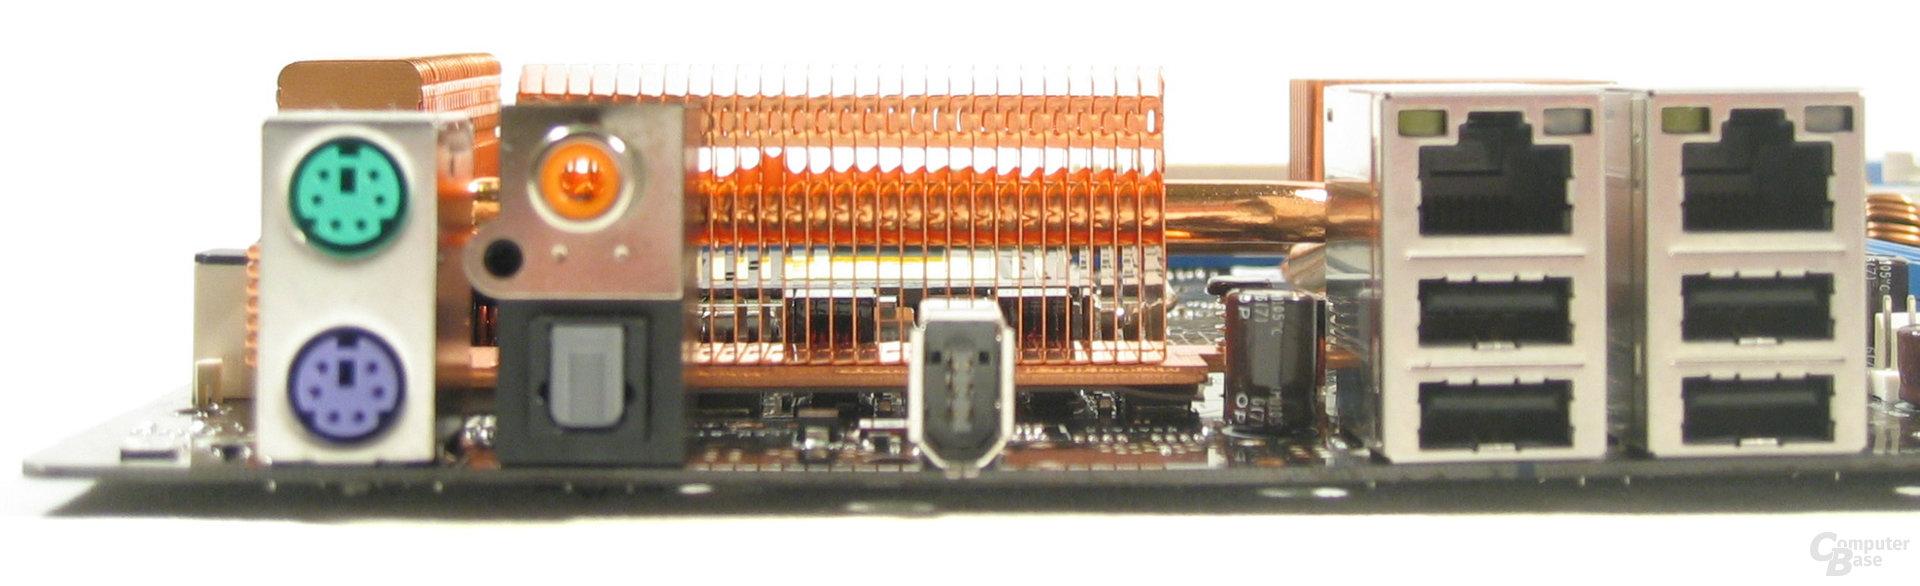 Asus P5N32-E SLI ATX-Blende